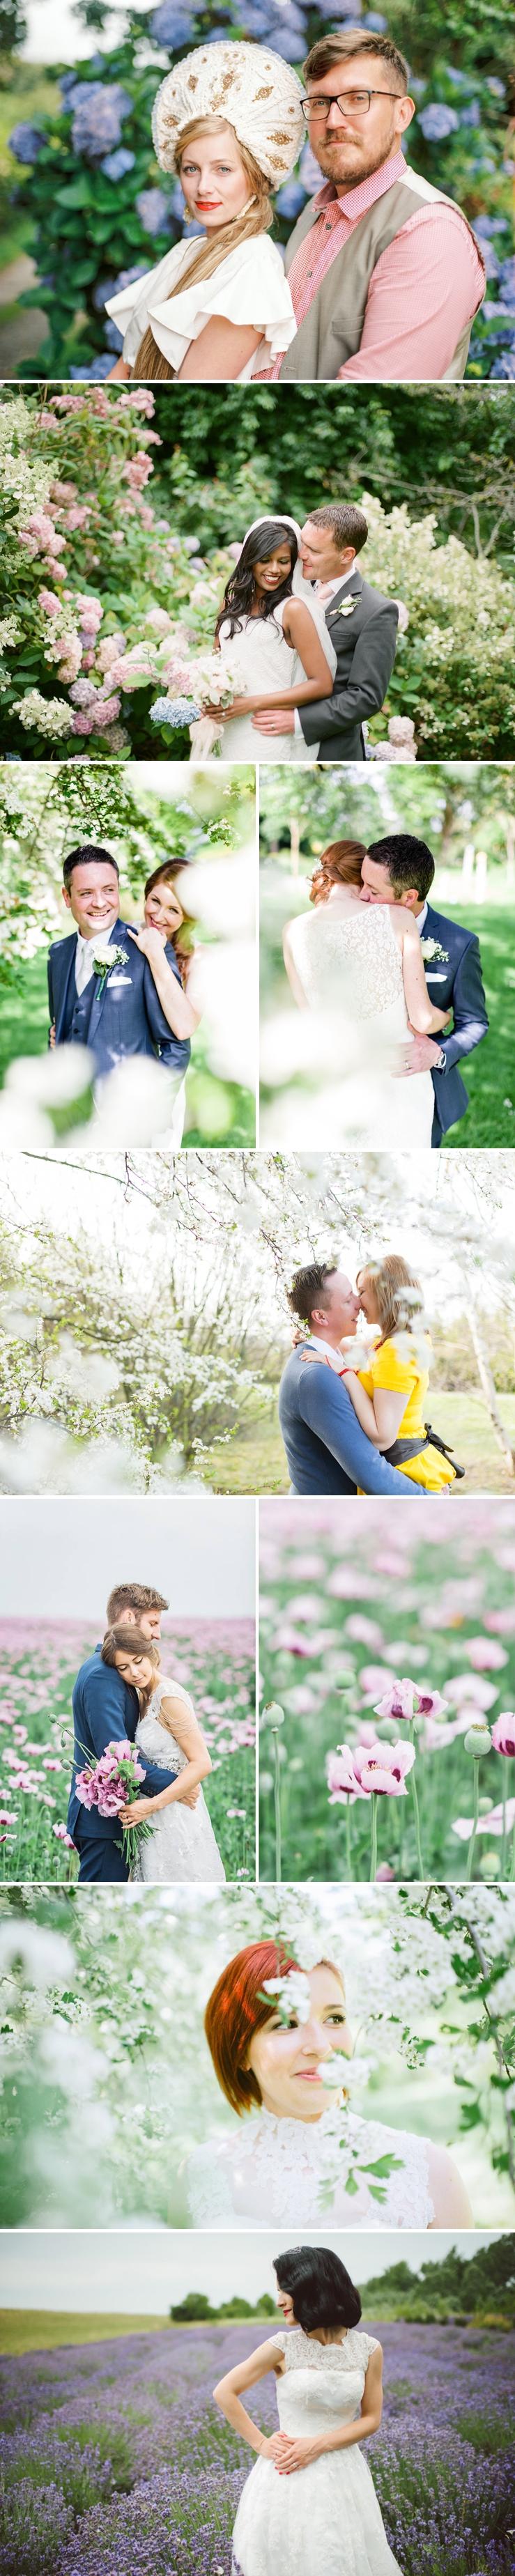 Perfect Day, svadba, slovensko, kde fotit svadobne portrety_0034